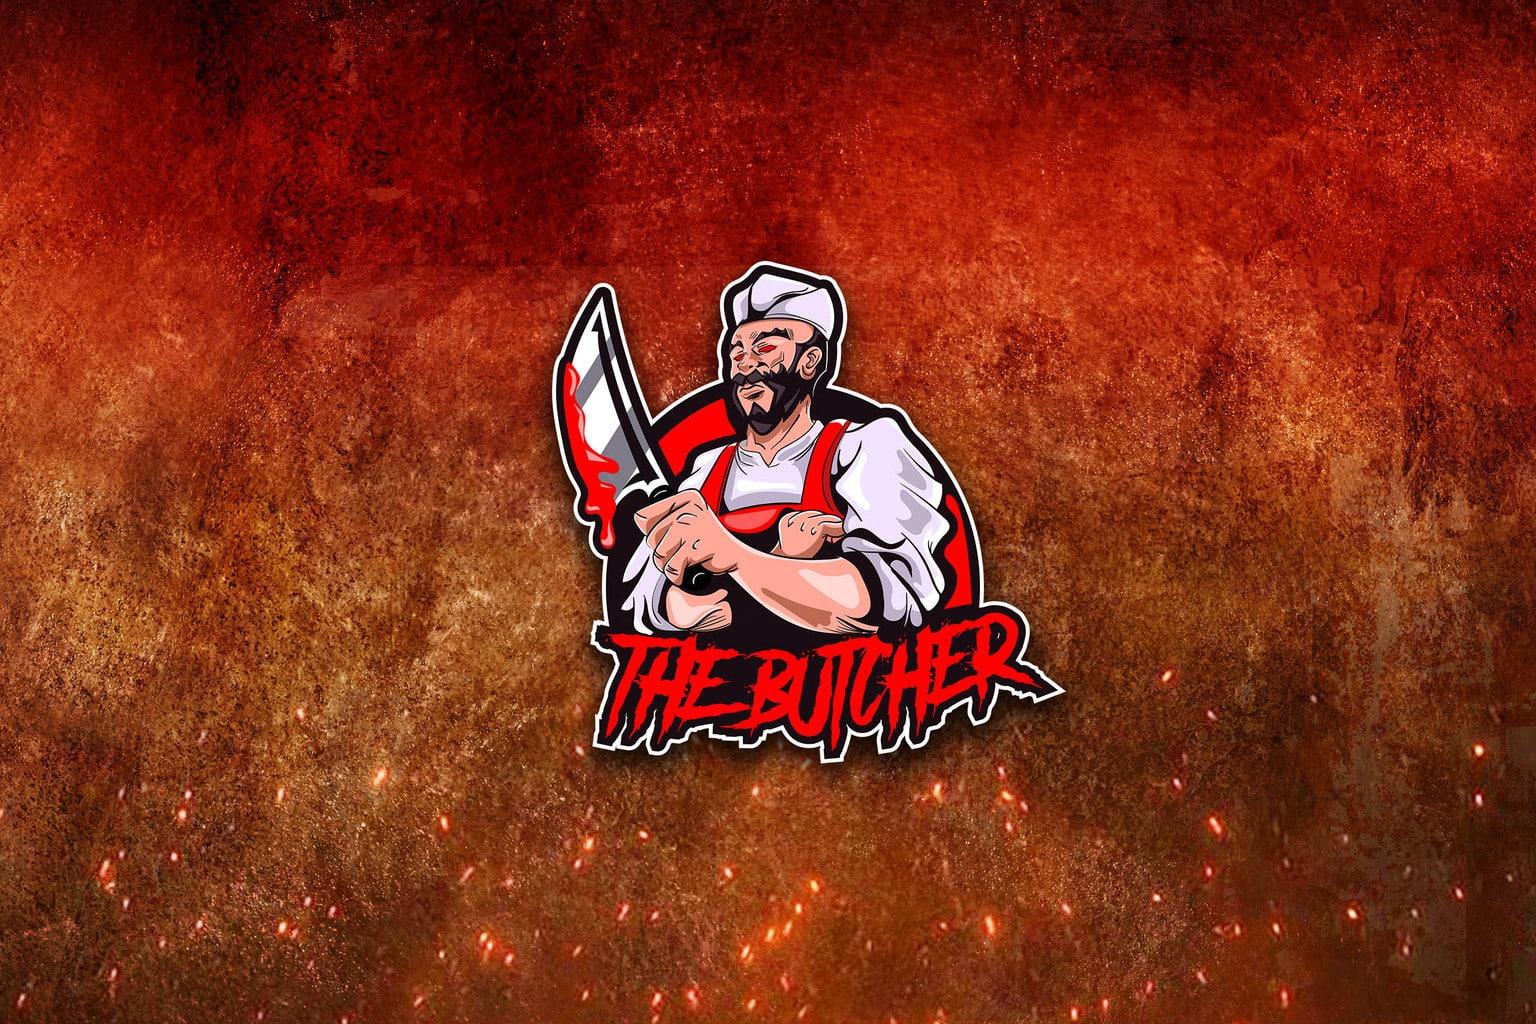 esport logo the butcher